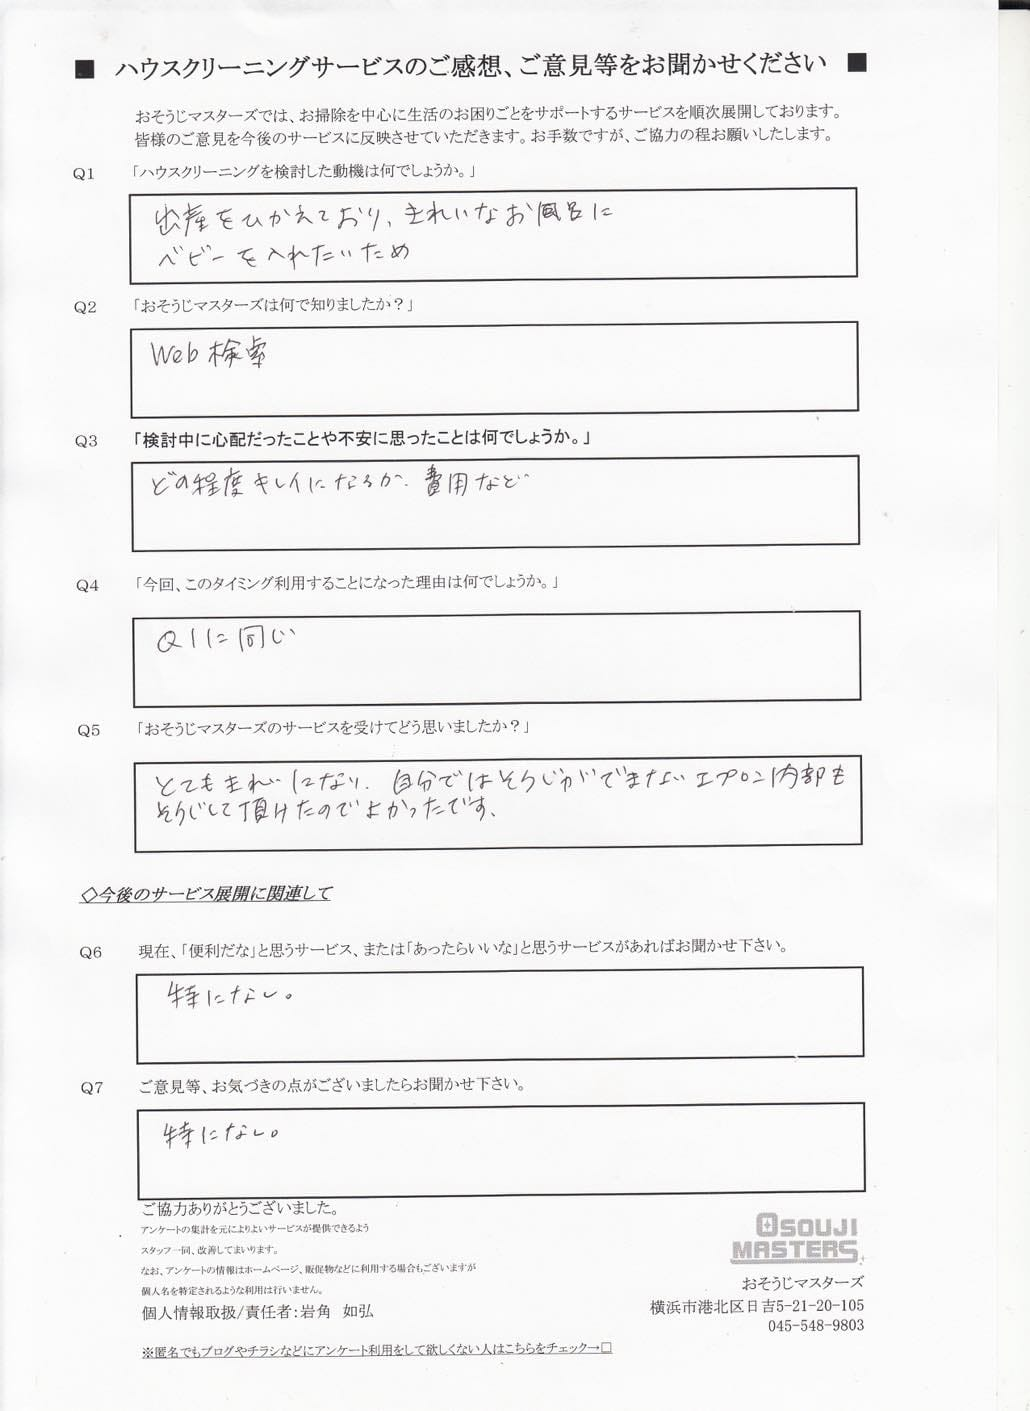 2015/07/23 浴室クリーニング 横浜市港北区